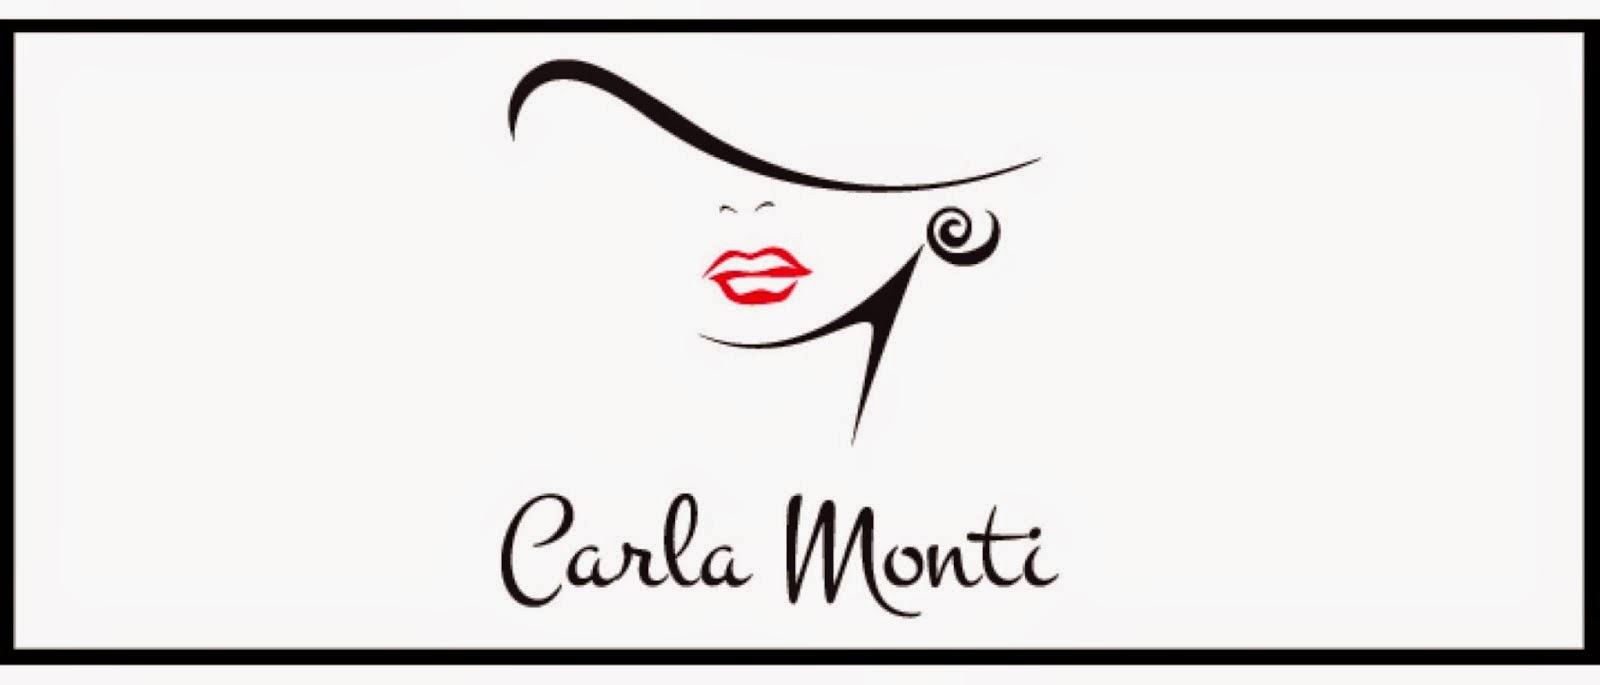 Mrs. Carla Monti